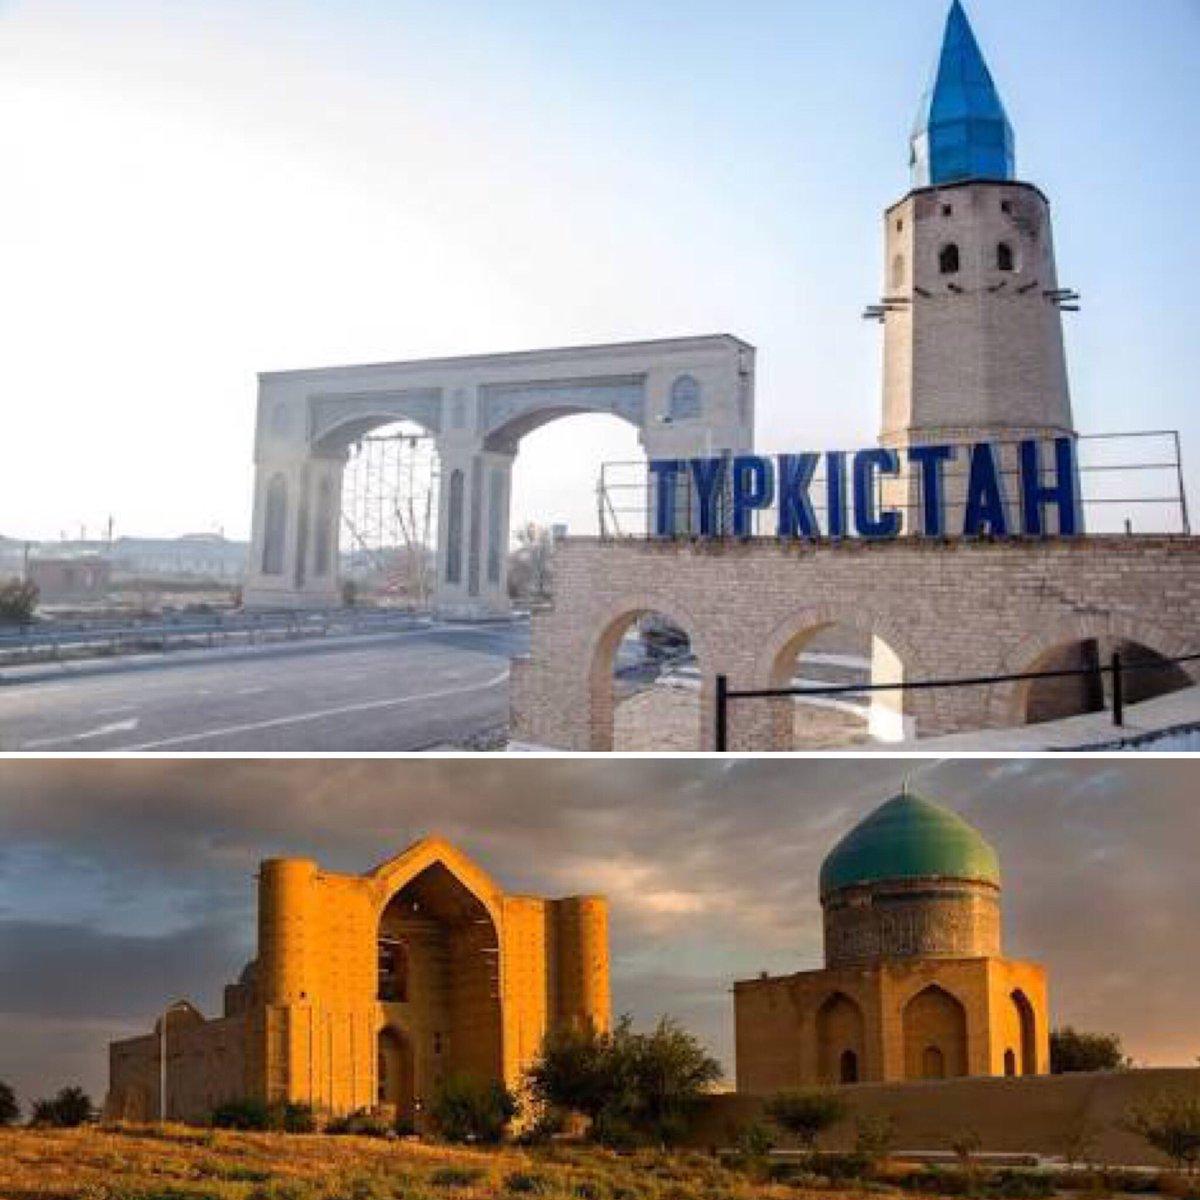 тем, картинки туркестан въезд в город каталогов эссенс находится